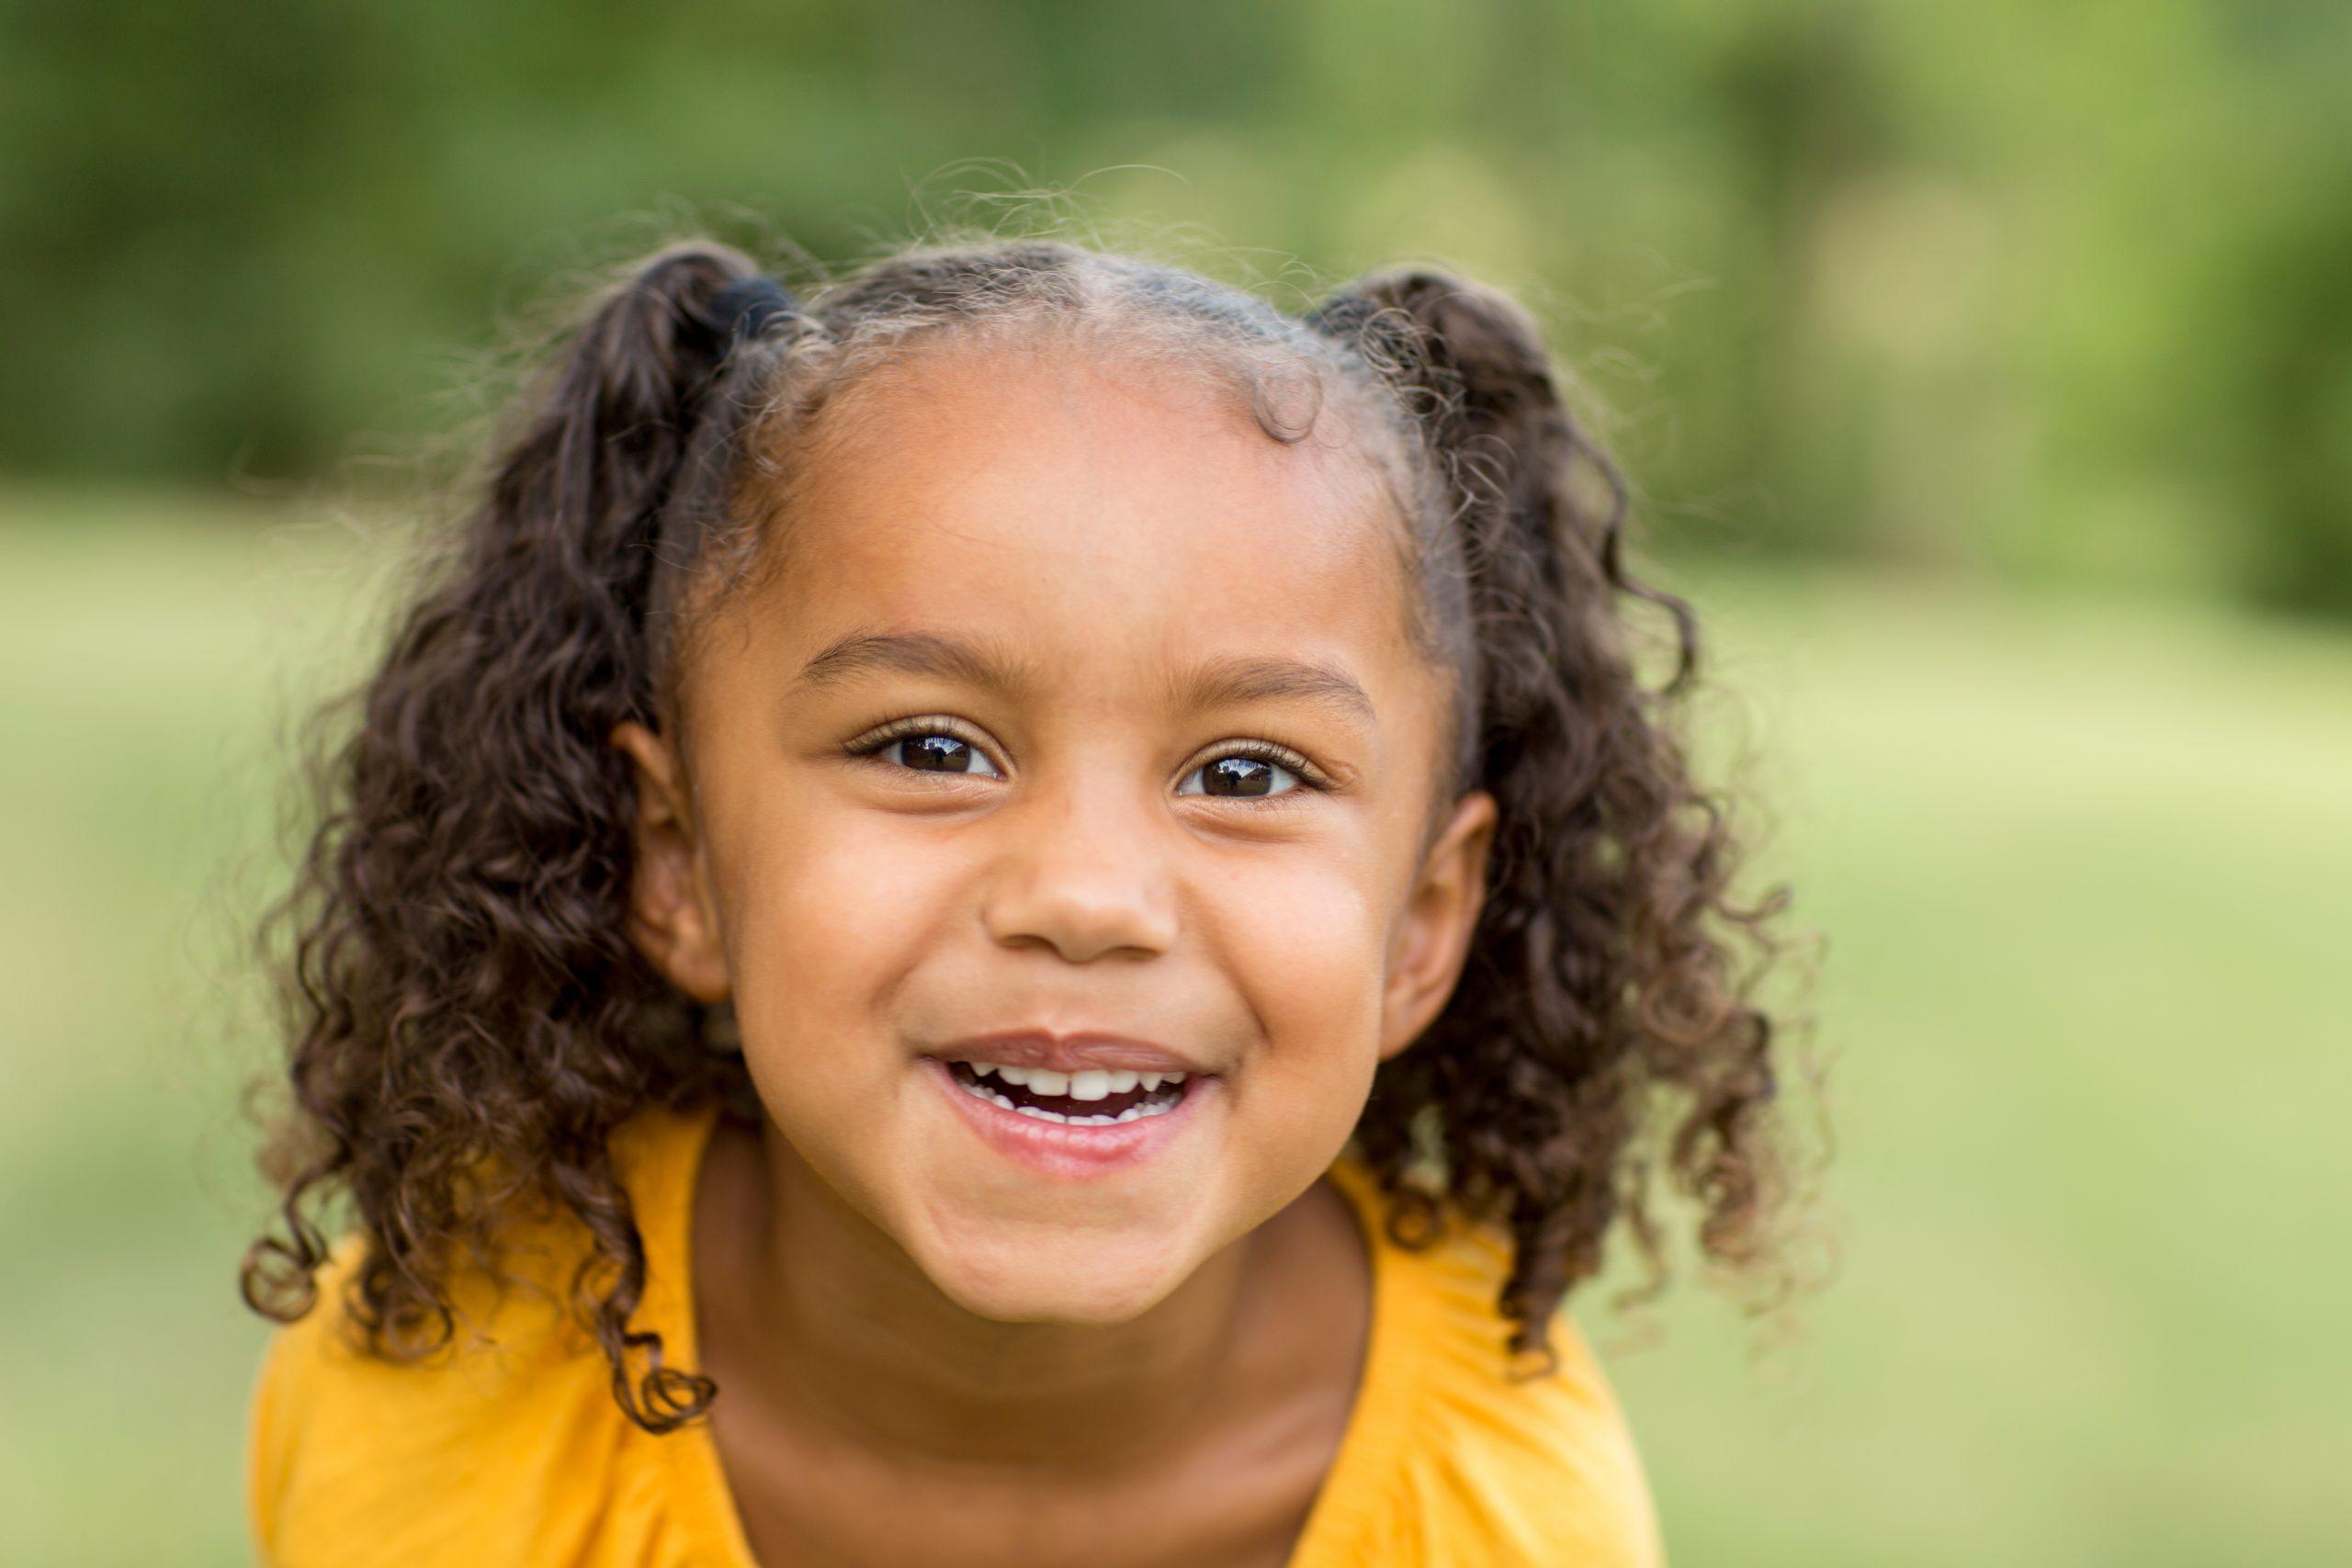 ideias de cabelo infantil scaled - Chega de choro: como pentear o cabelo infantil sem sofrimento